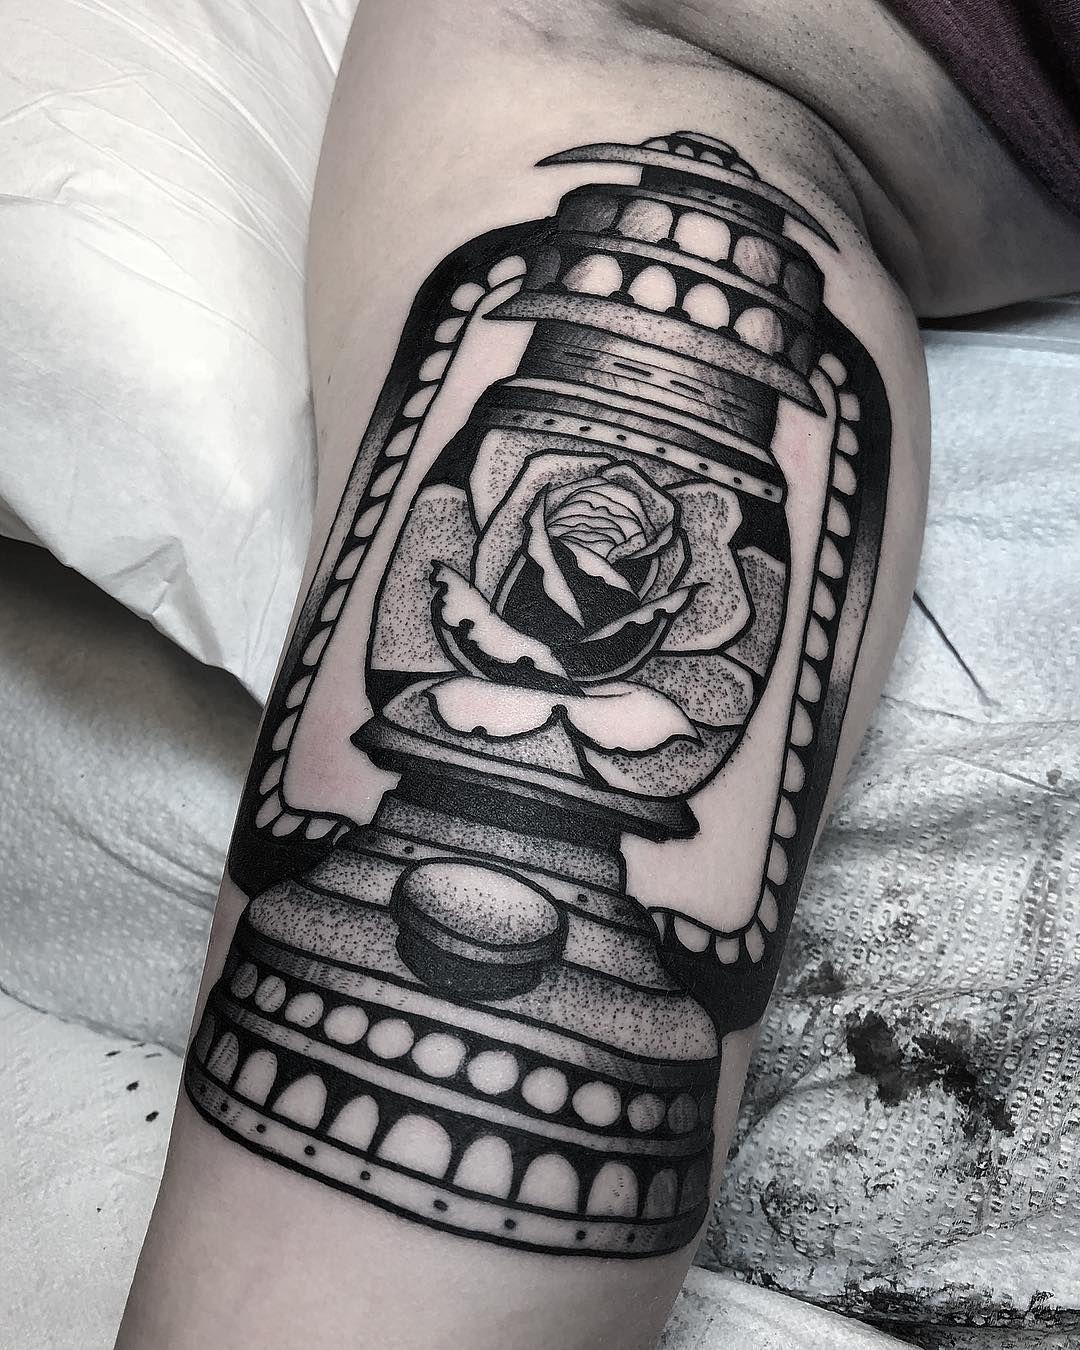 Pin by Cassandra Hartt on Ink & Inspiration | Skin art, Tattoos, Ink